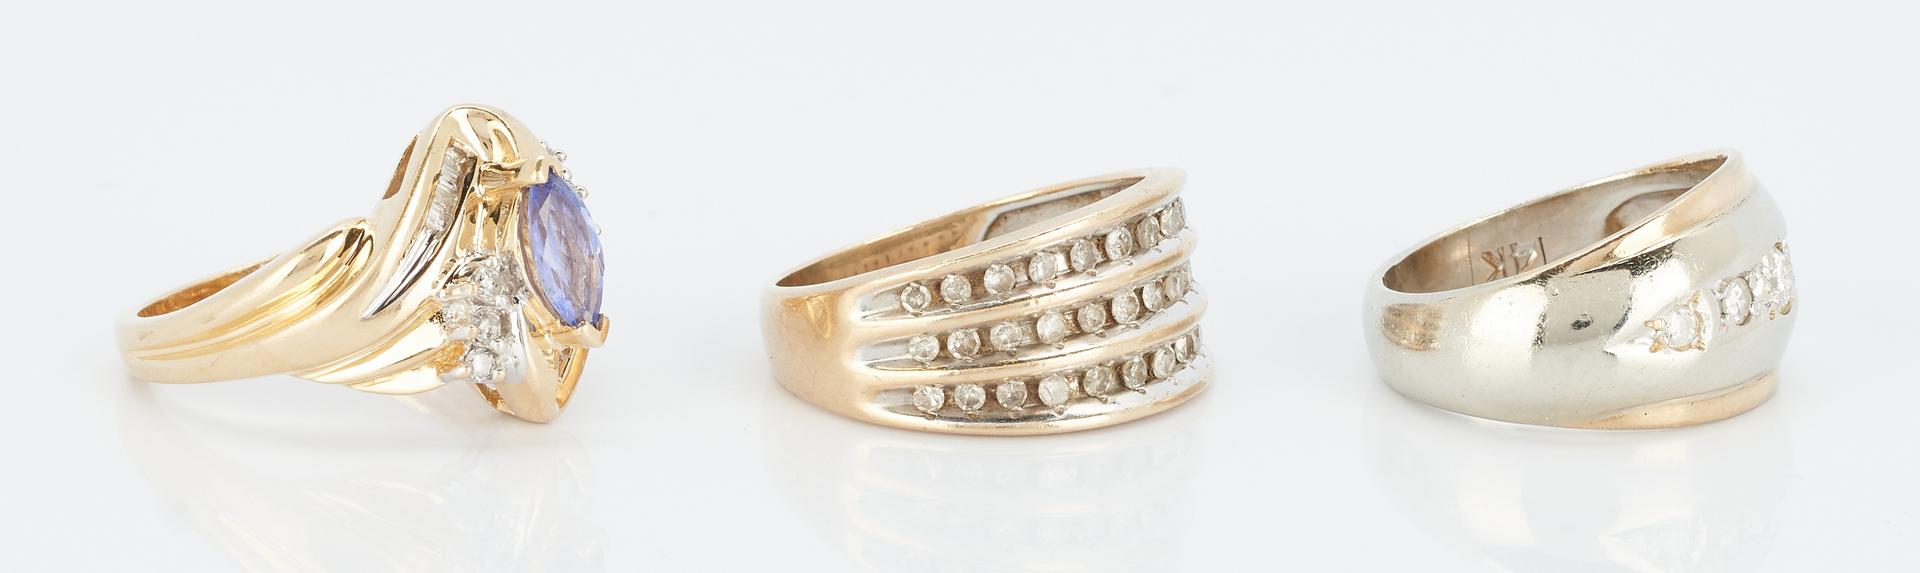 Lot 851: 3 Ladies Diamond Rings, 14K & 10K